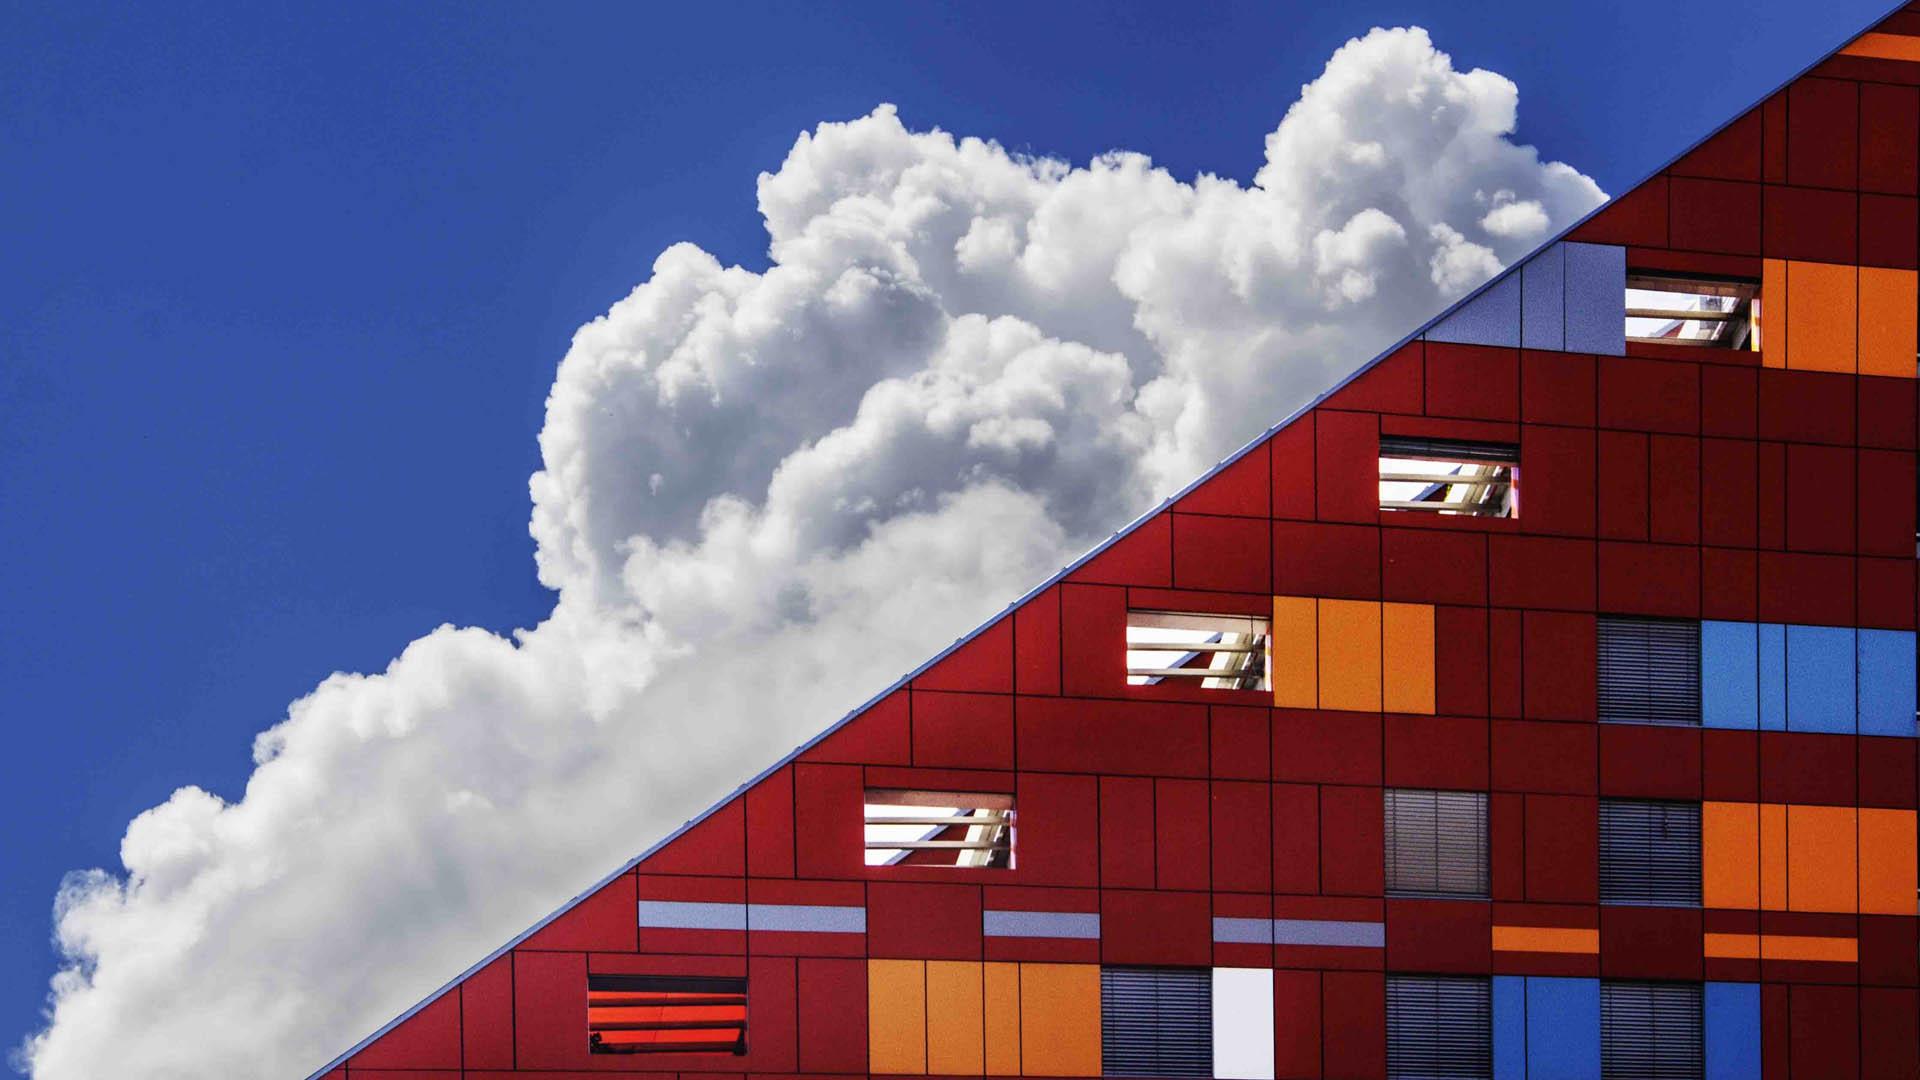 Una preziosa lezione dall'Industria 4.0 il segreto è essere Cloud Compliant